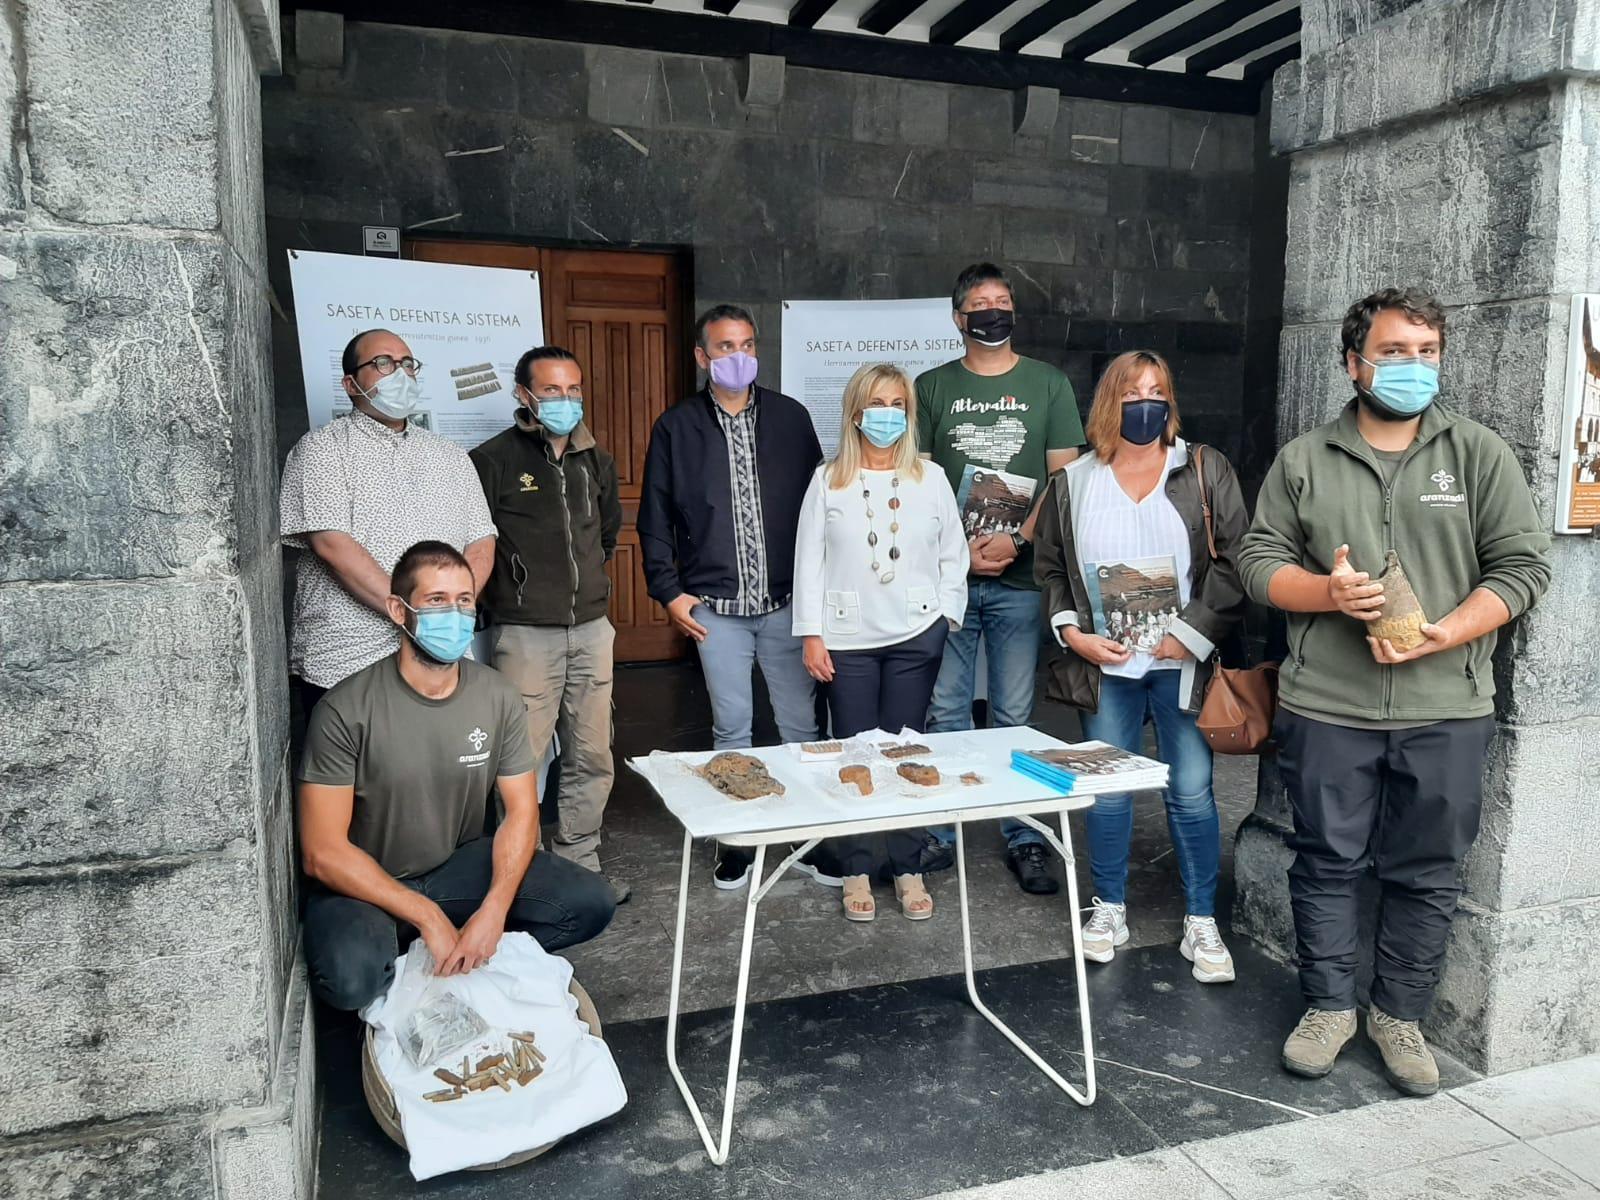 El equipo de Aranzadi mostrando los hallazgos. Foto: Aranzadi